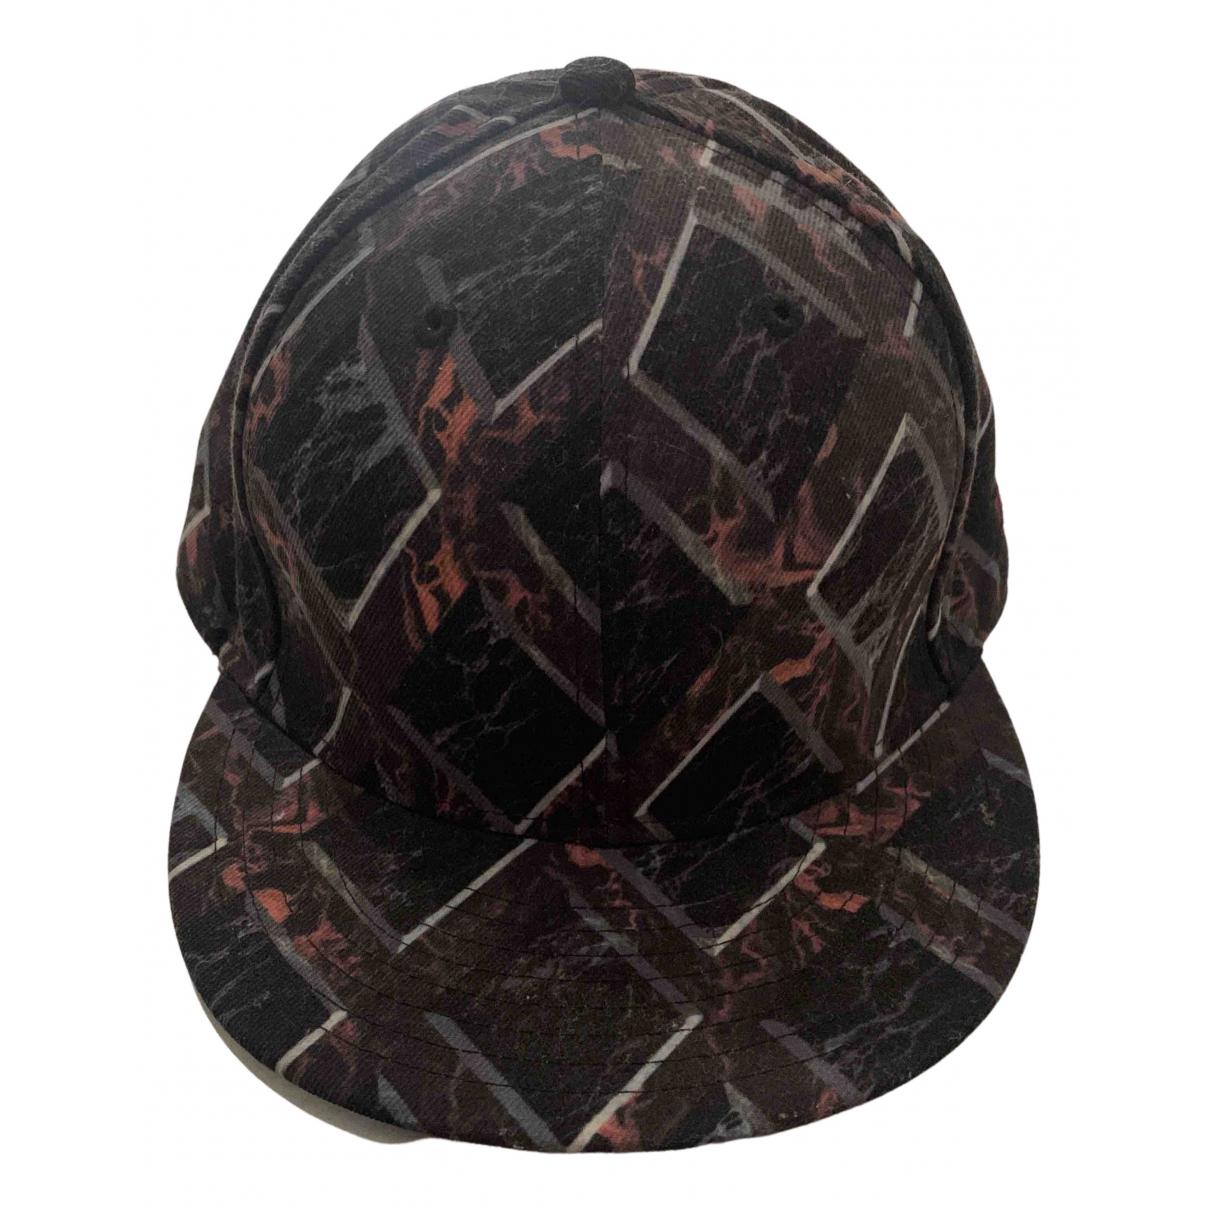 Kenzo N Black hat & pull on hat for Men 59 cm